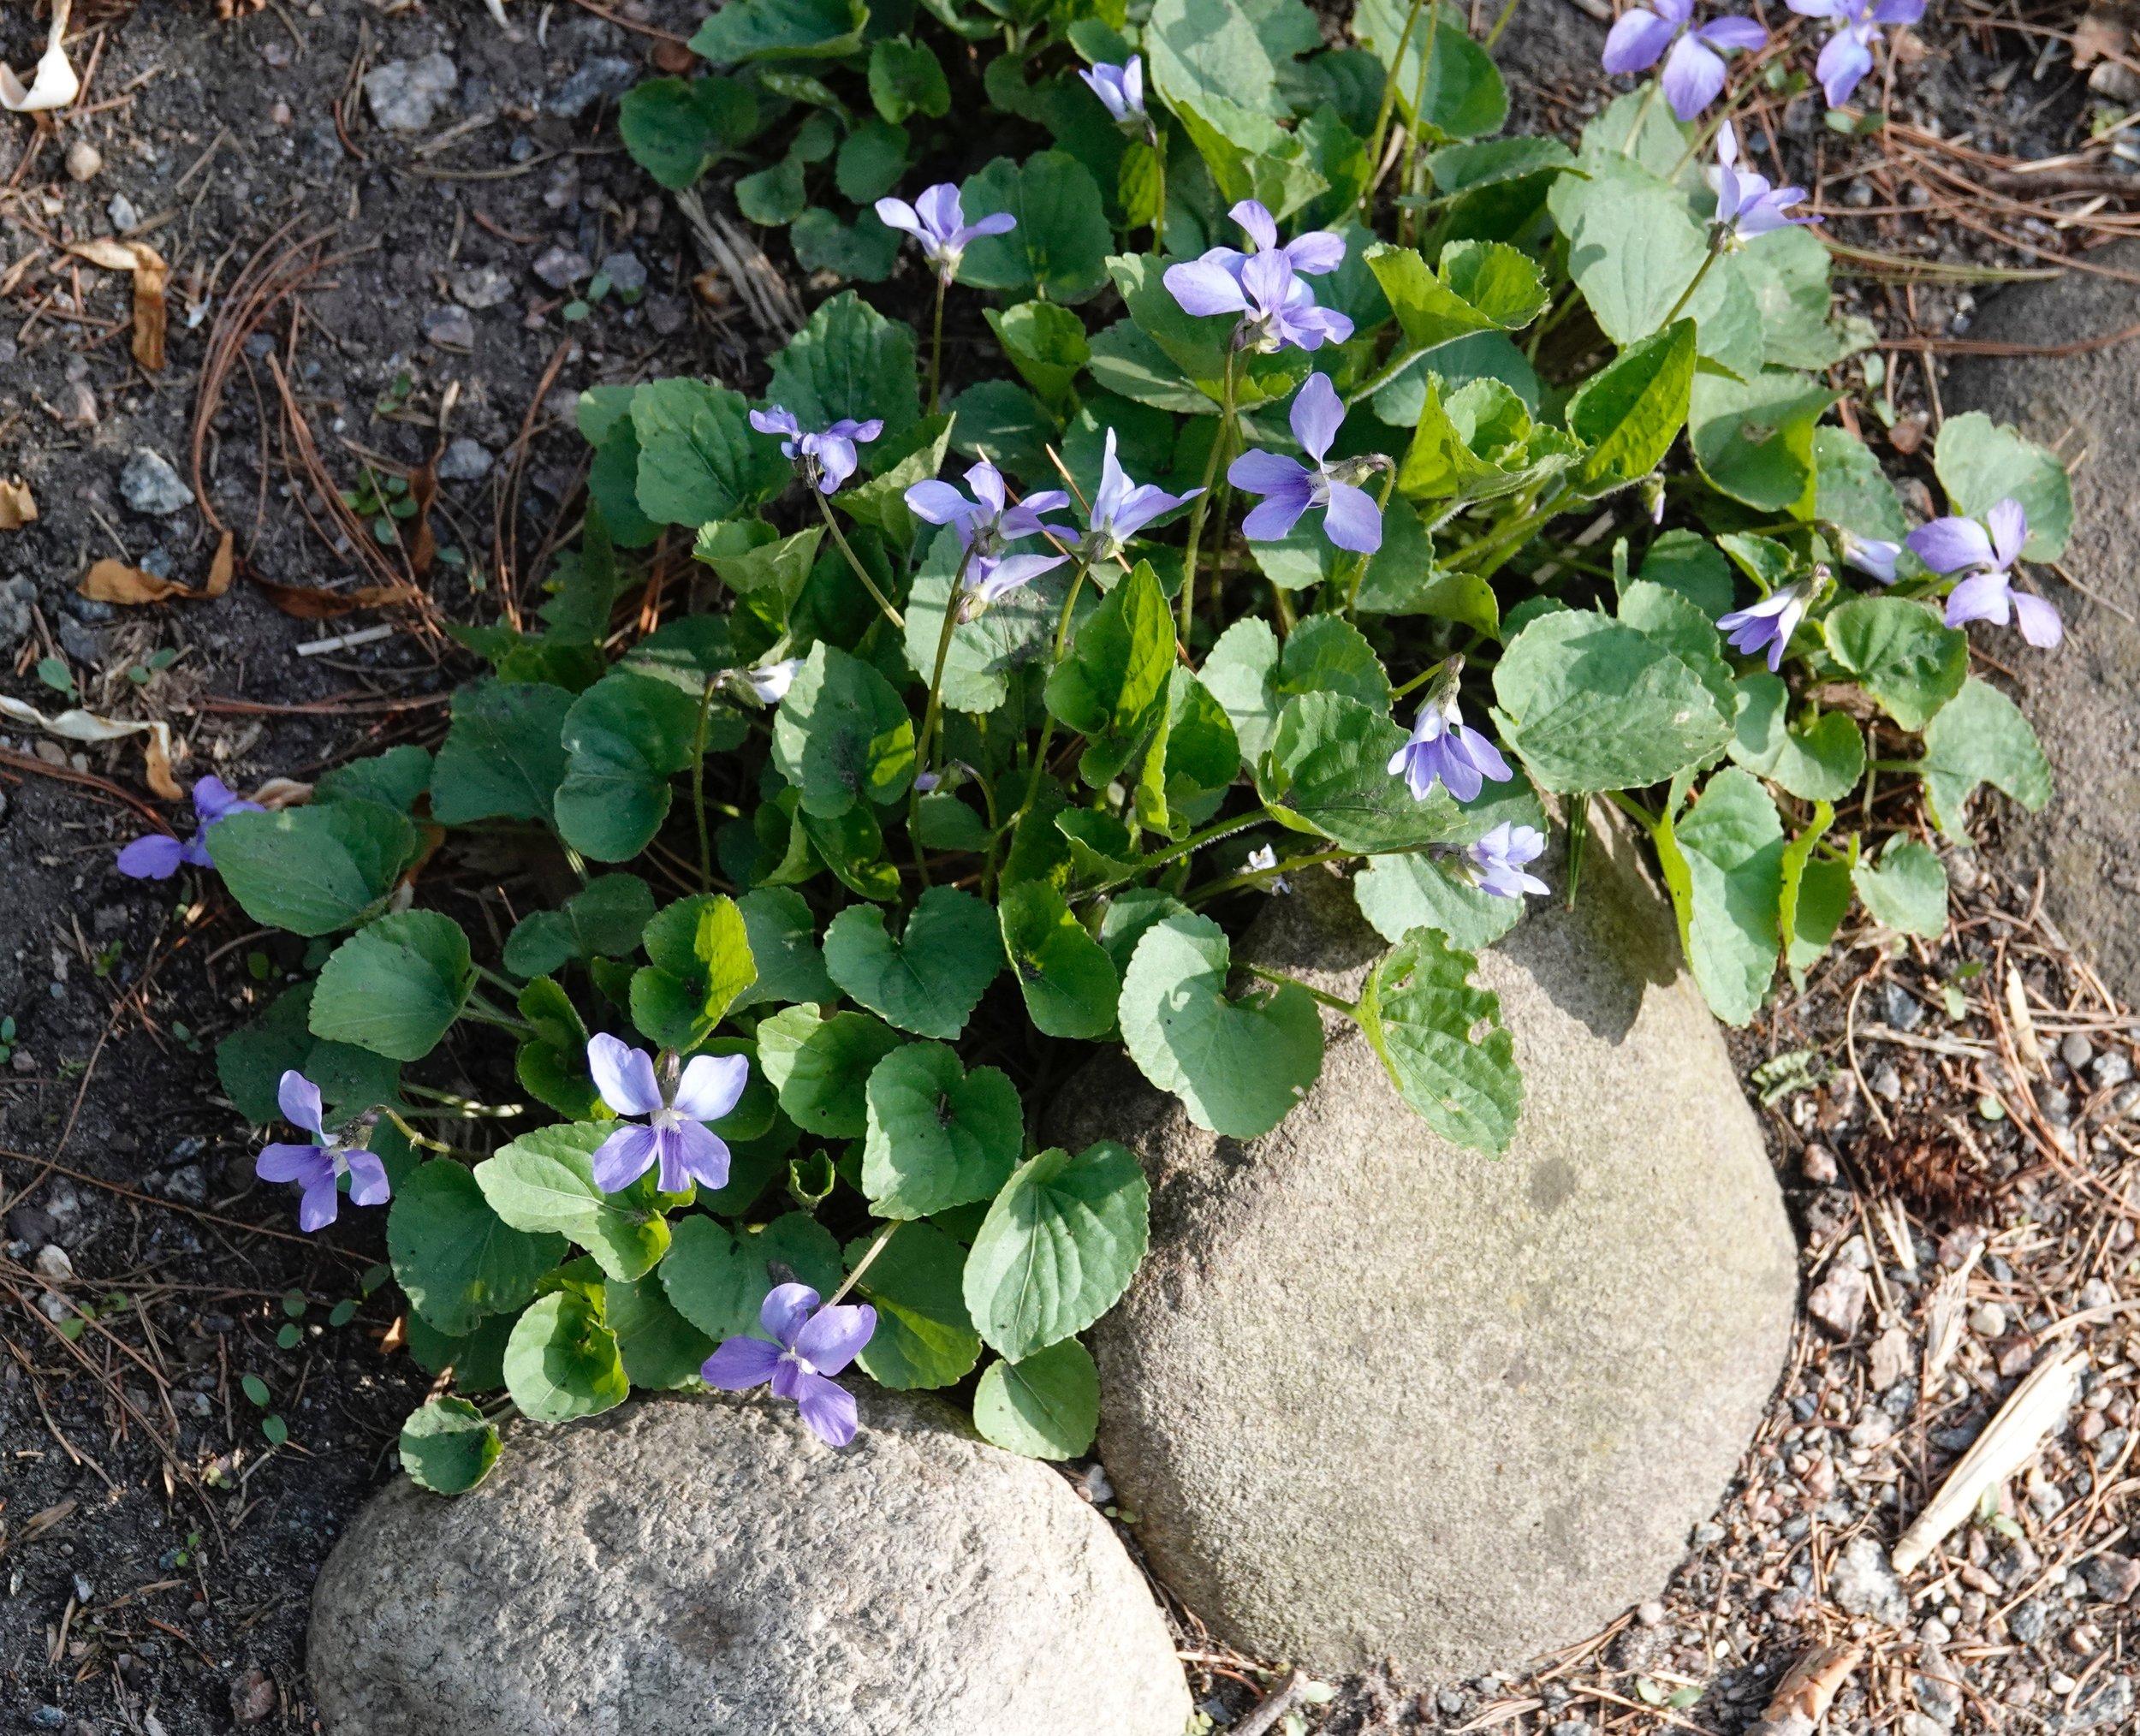 Violets rock.